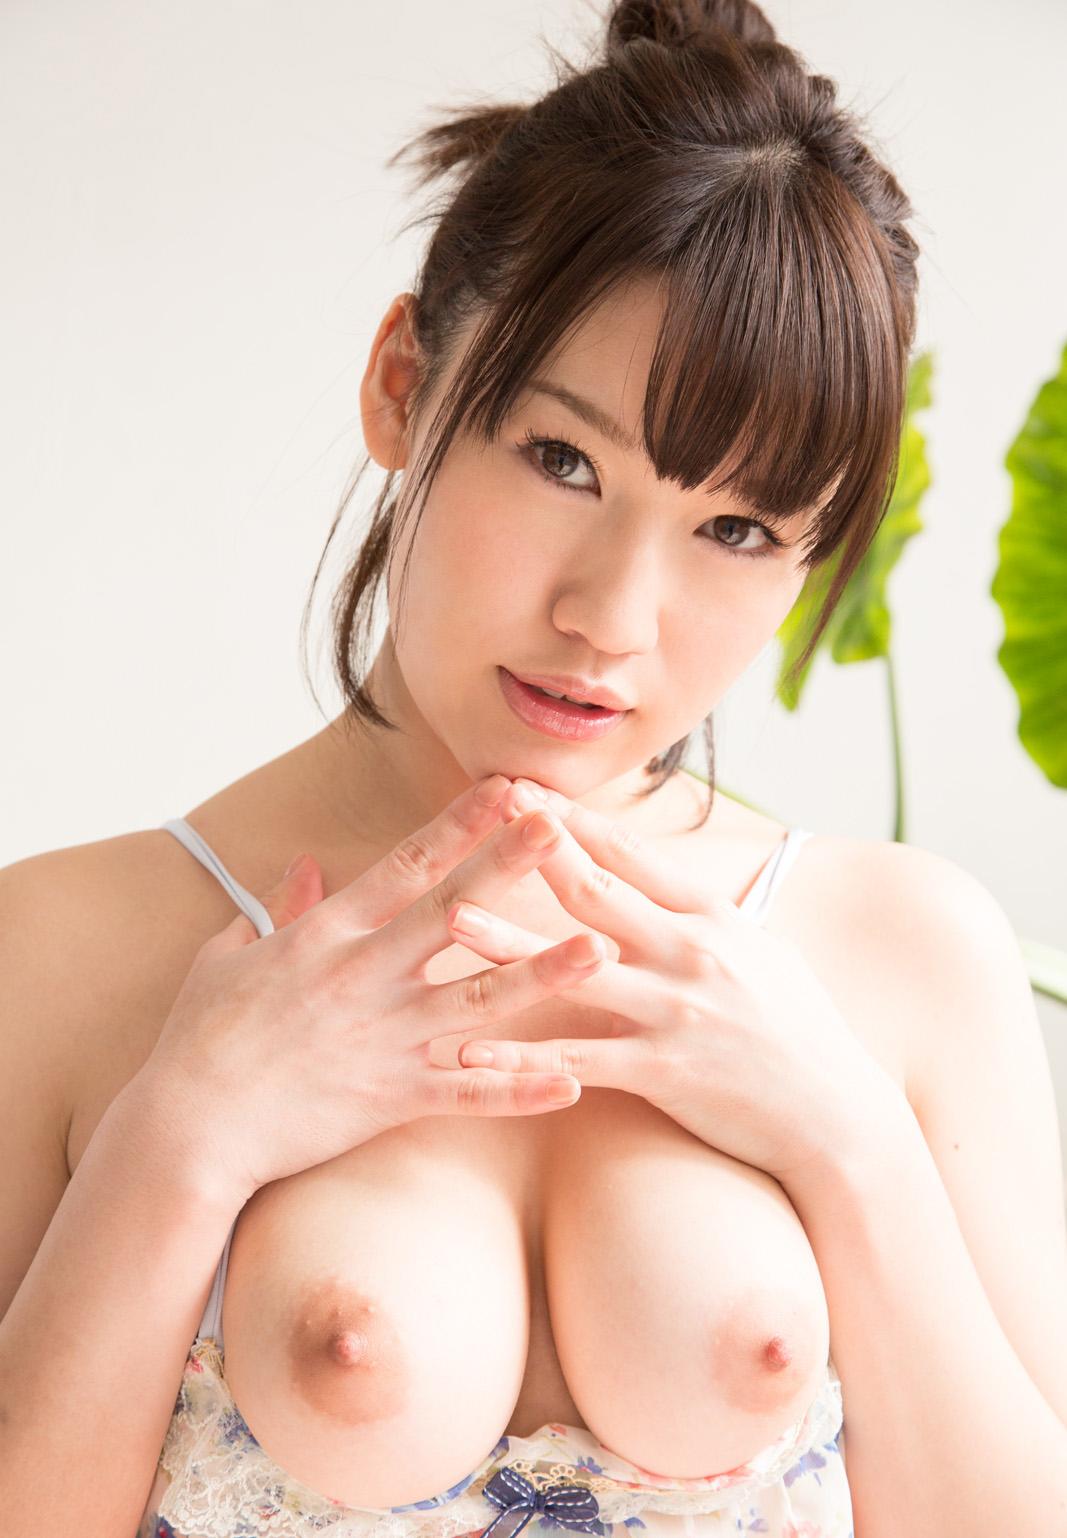 本田莉子 画像 27